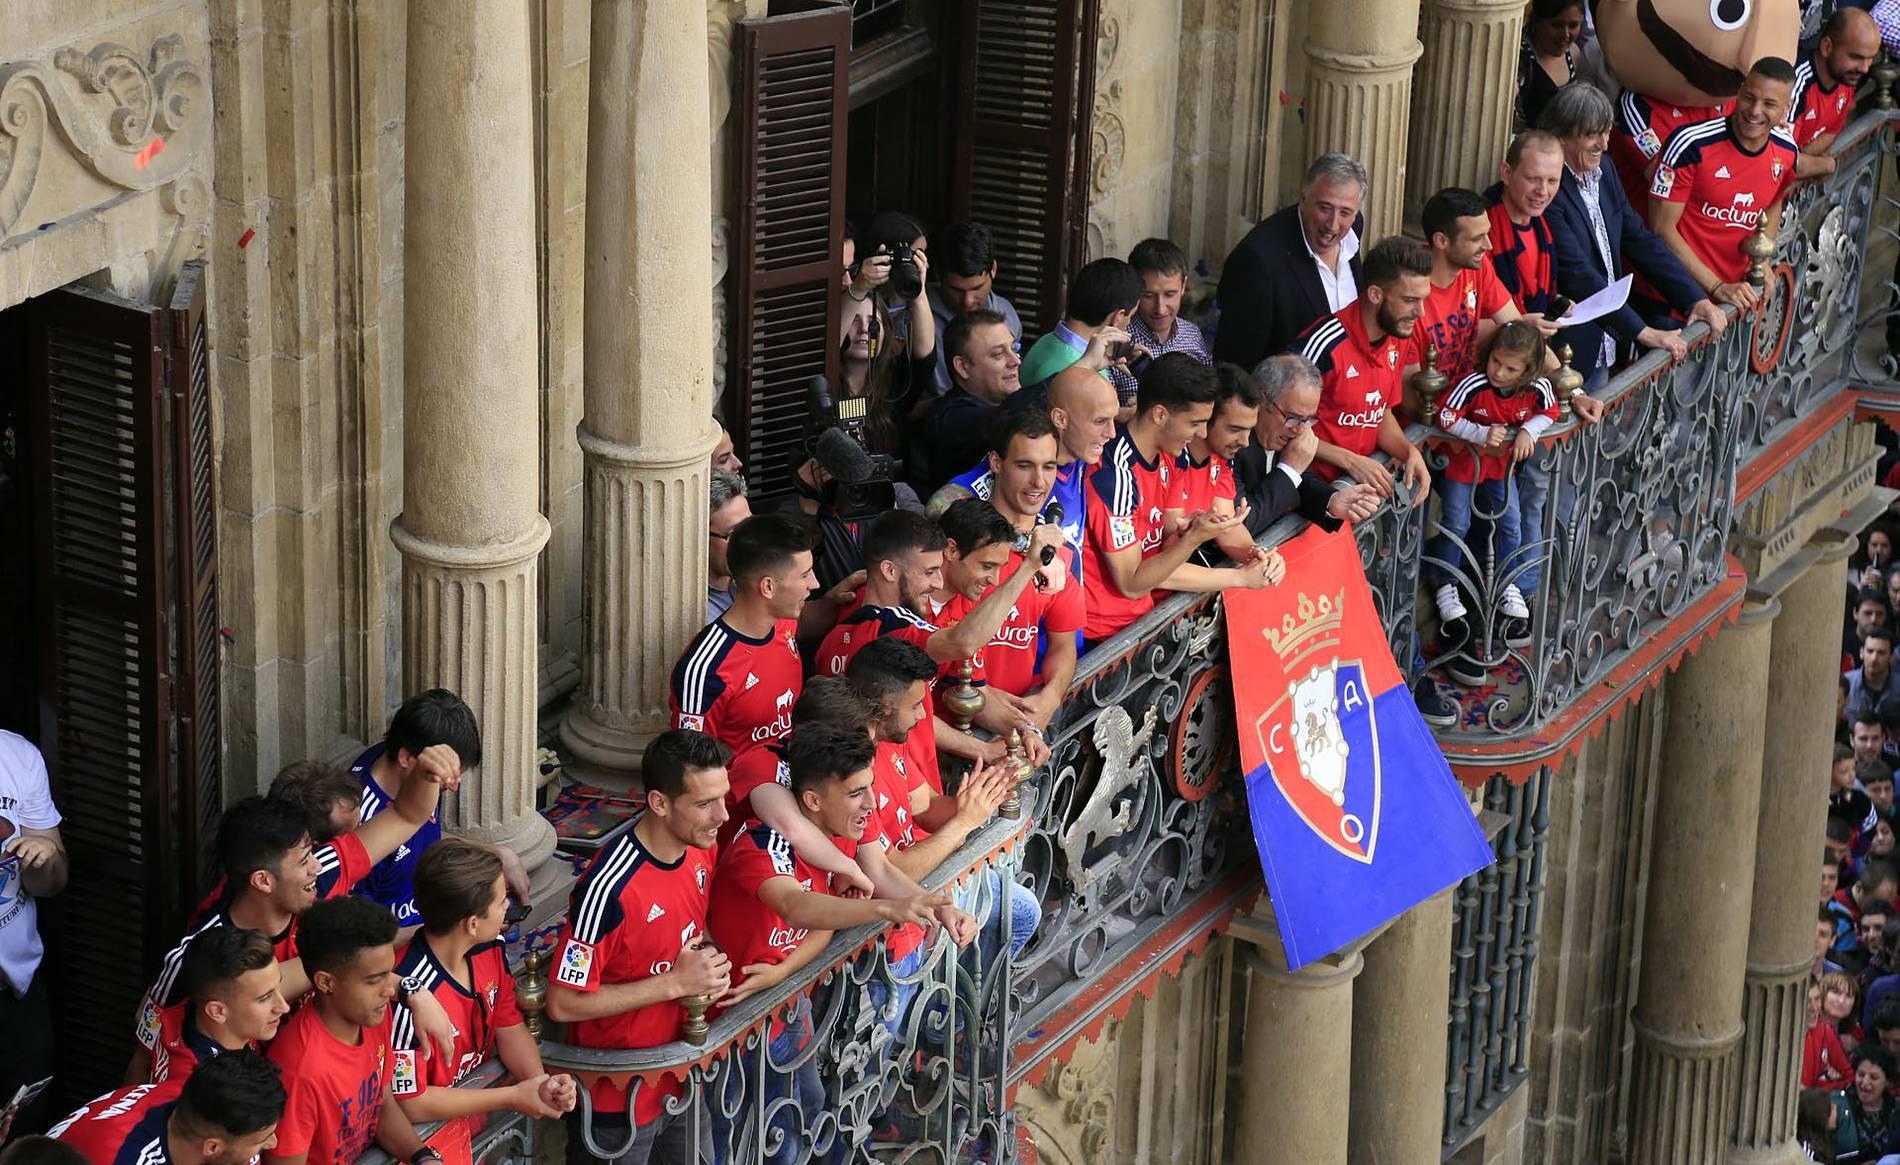 Homenaje a Osasuna en el Ayuntamiento de Pamplona por el ascenso (II) (1/25) - La Plaza Consistorial se tiñó de rojo en la celebración del ascenso de Osasuna a Primera División. - Osasuna -